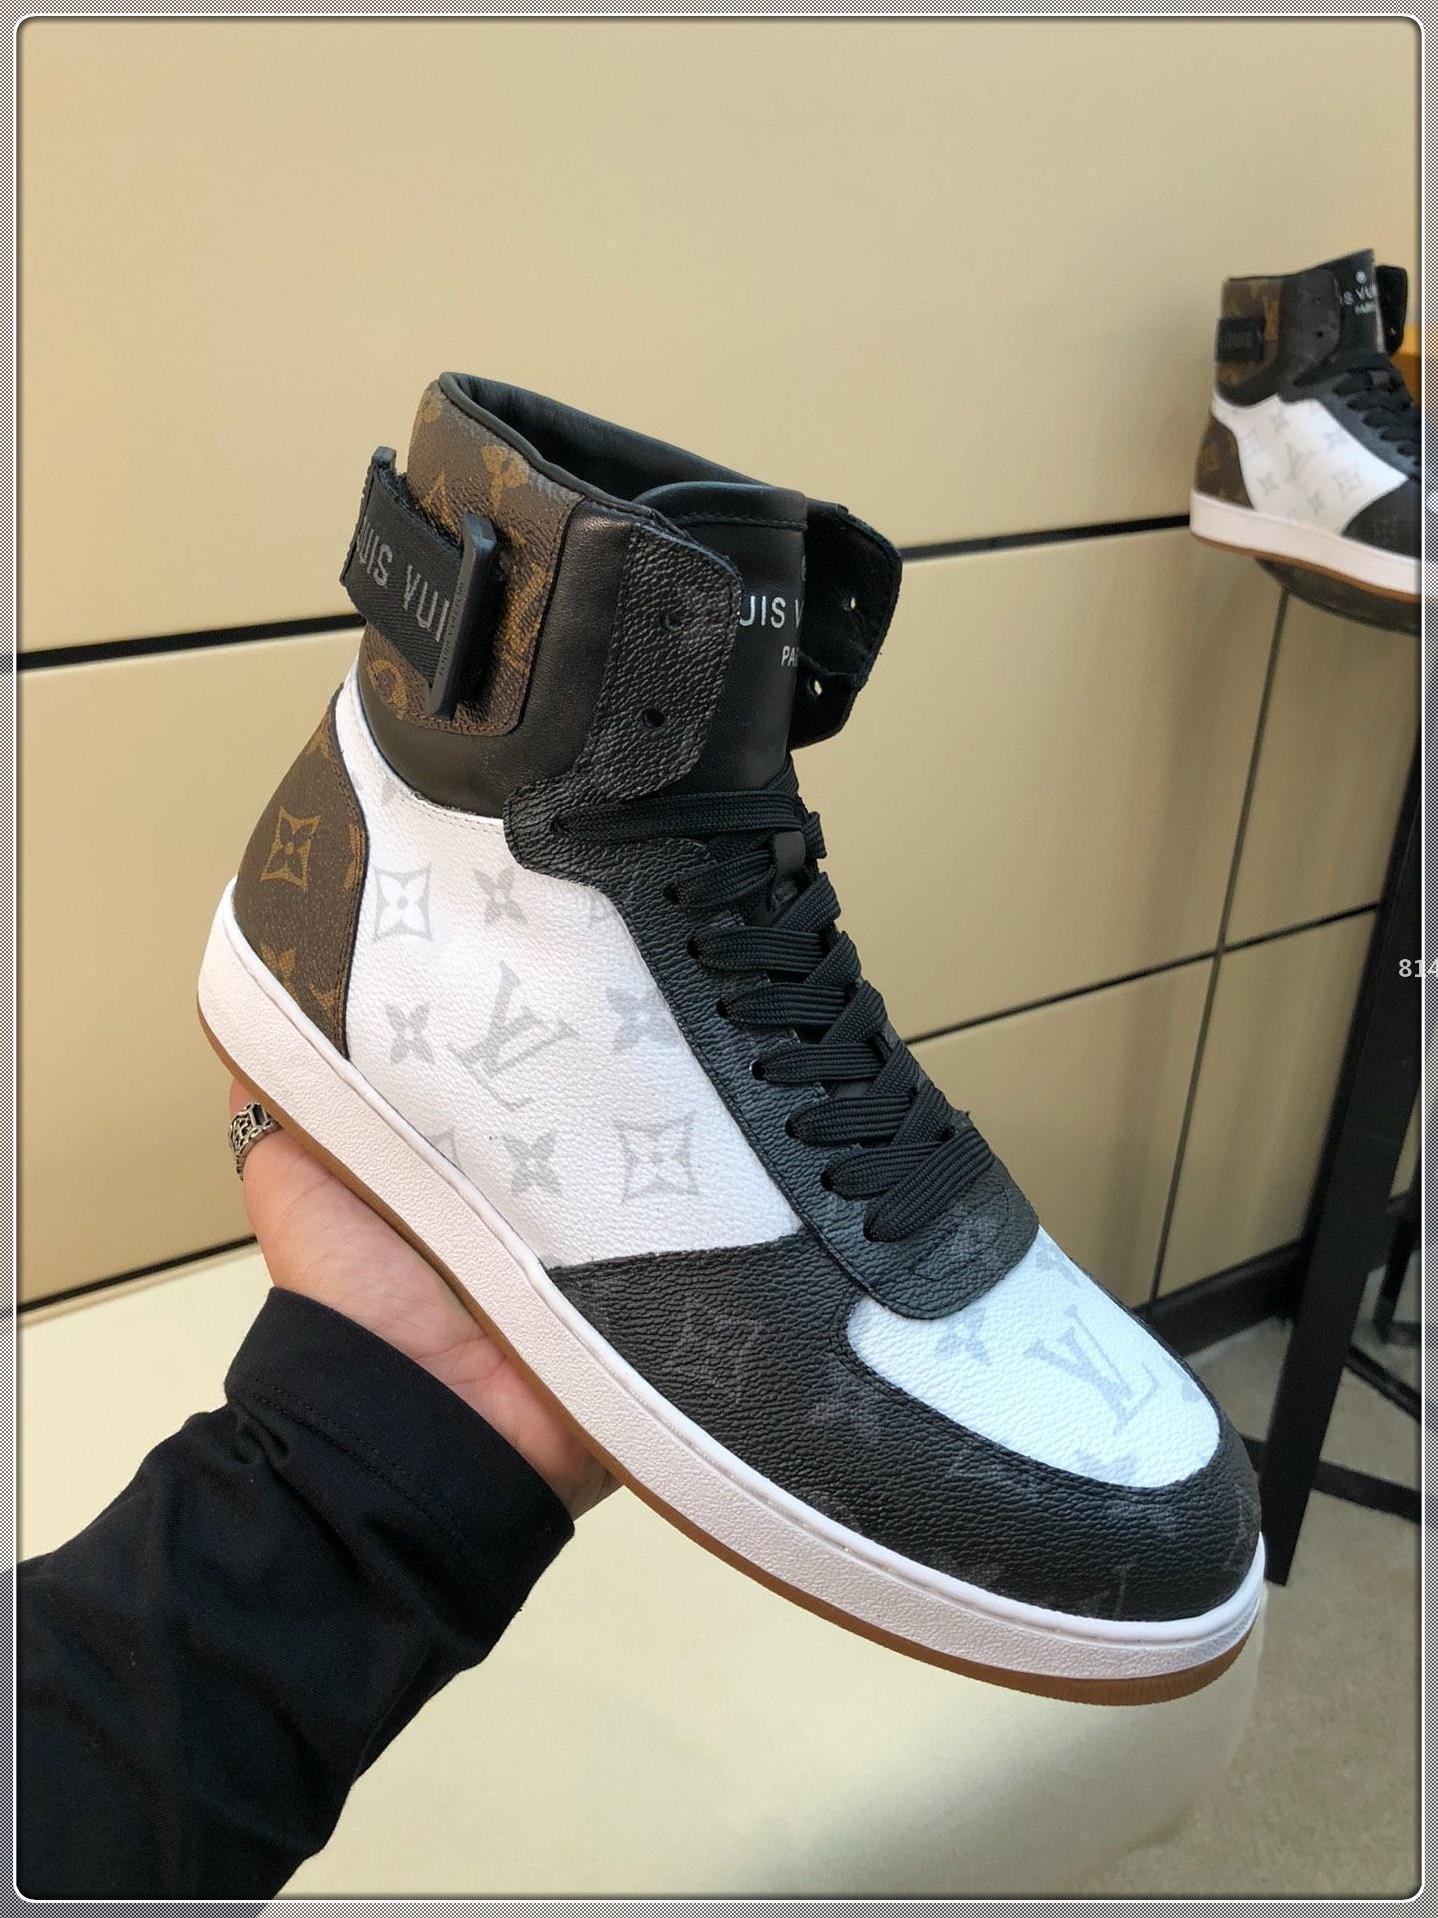 designer de luxo 814 Top Luxury Men Melhor sapatos da moda Com Origem Box Sneakers Moda Lace-up Esporte Homens Marca Calçados New Arrival Tamanho 38-45